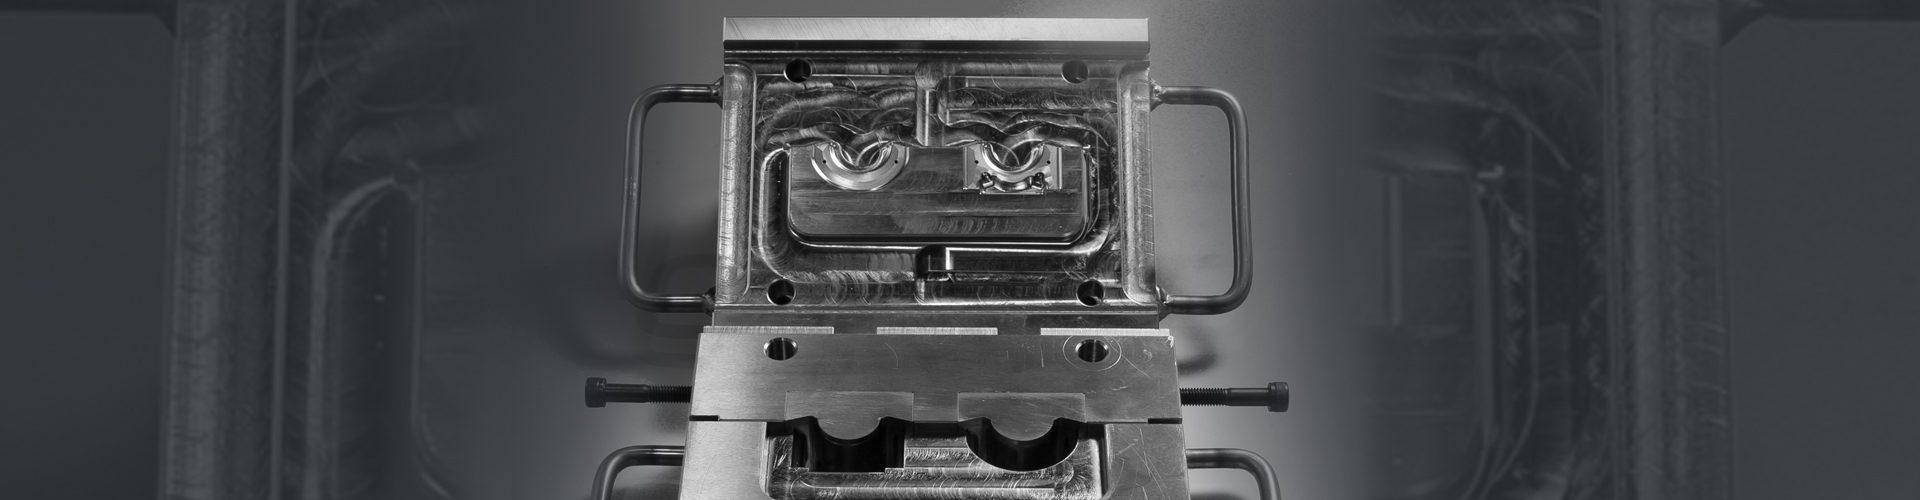 自動車用防振ゴム 試作金型2